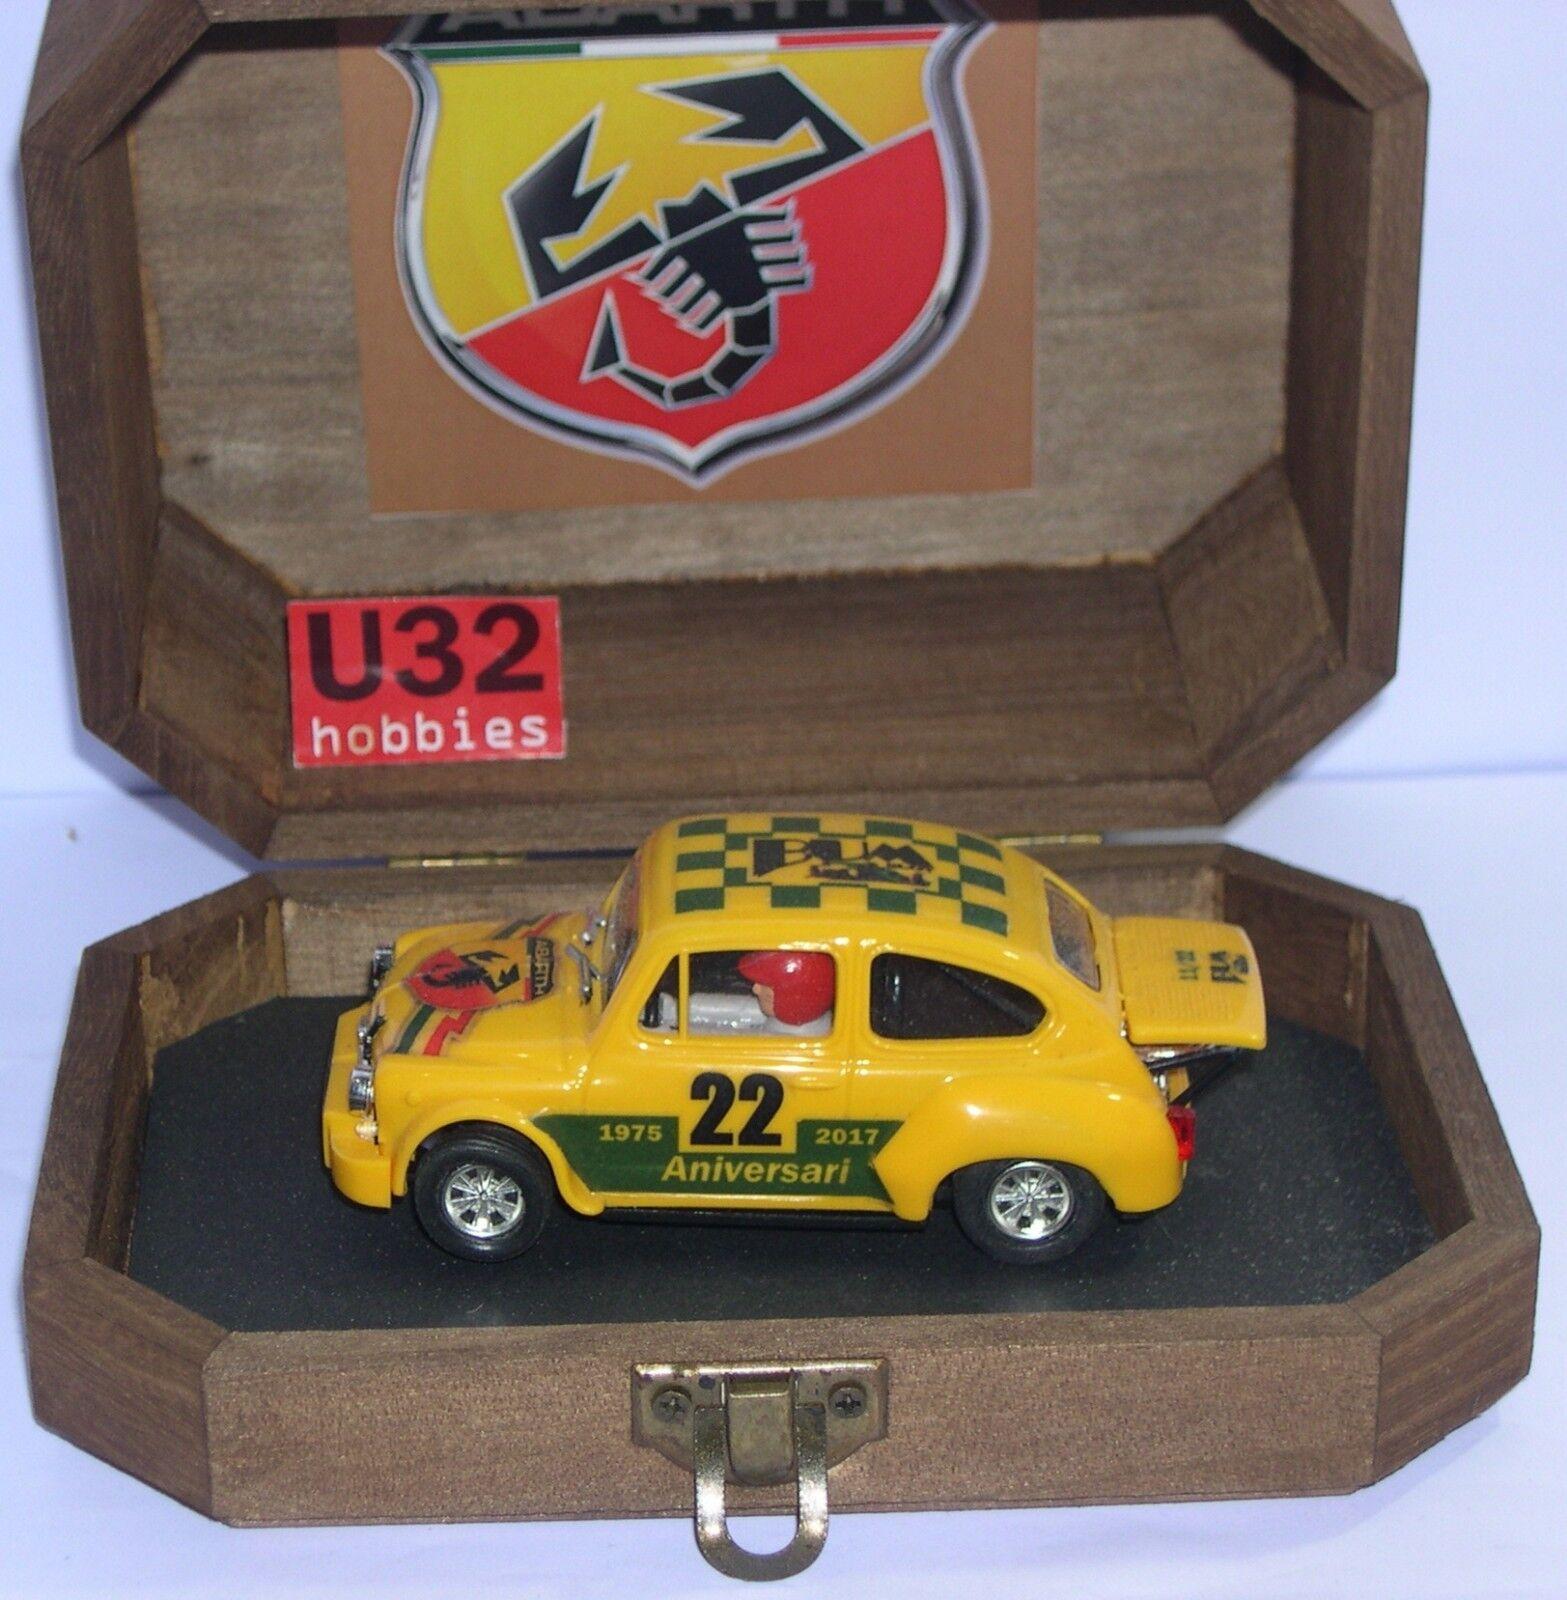 buona reputazione Bum Slot 2211 Slot auto Fiat Abarth Abarth Abarth 1000tc 22 Curata 1975-2017 Limit.ed 22un  80% di sconto